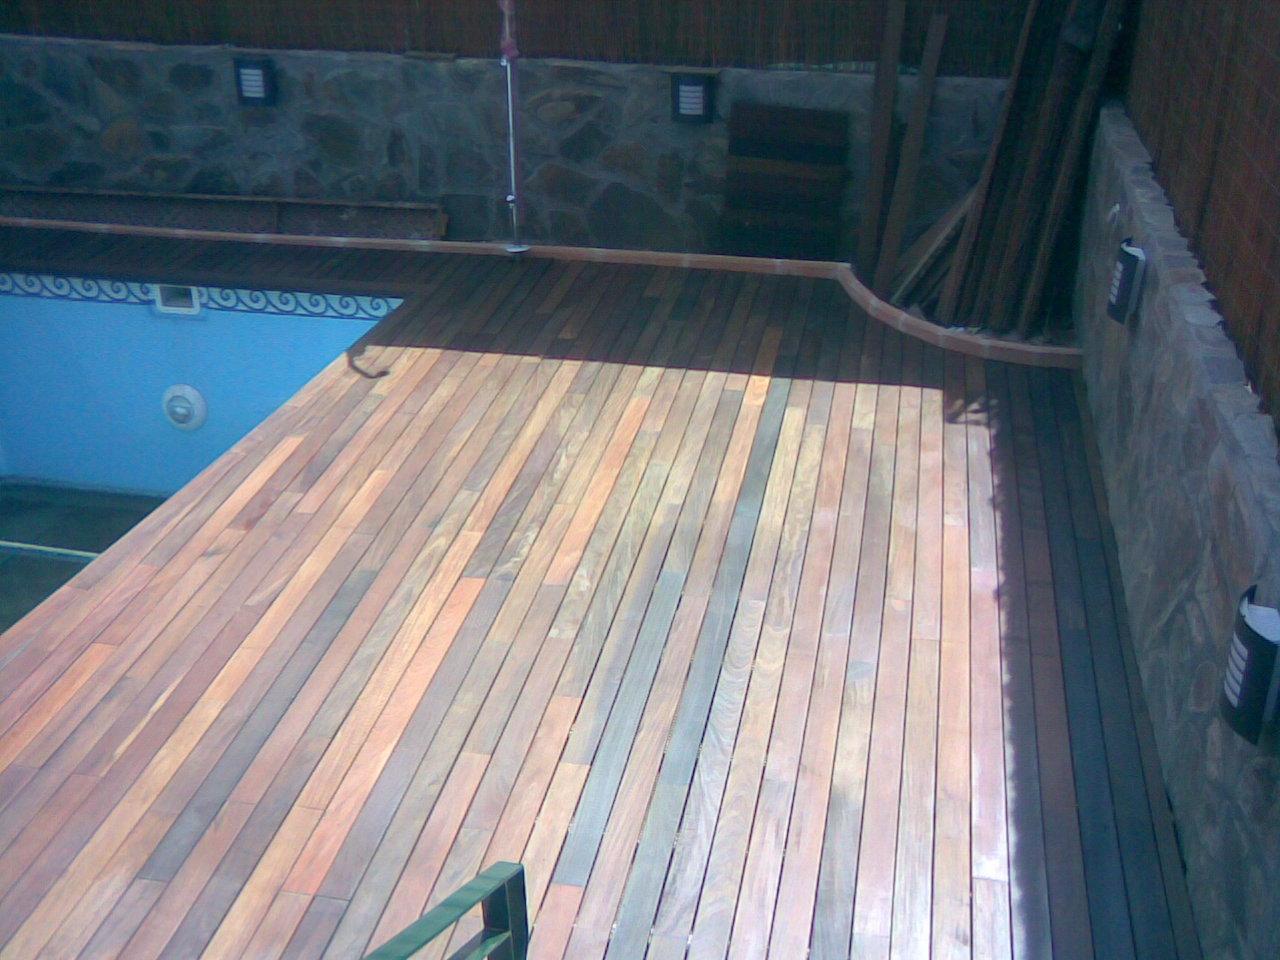 https://topmadera.com/wp-content/uploads/instalacion-de-madera-de-ipe-exterior-en-piscina-grapa-vista-serranillos-del-valle.jpg